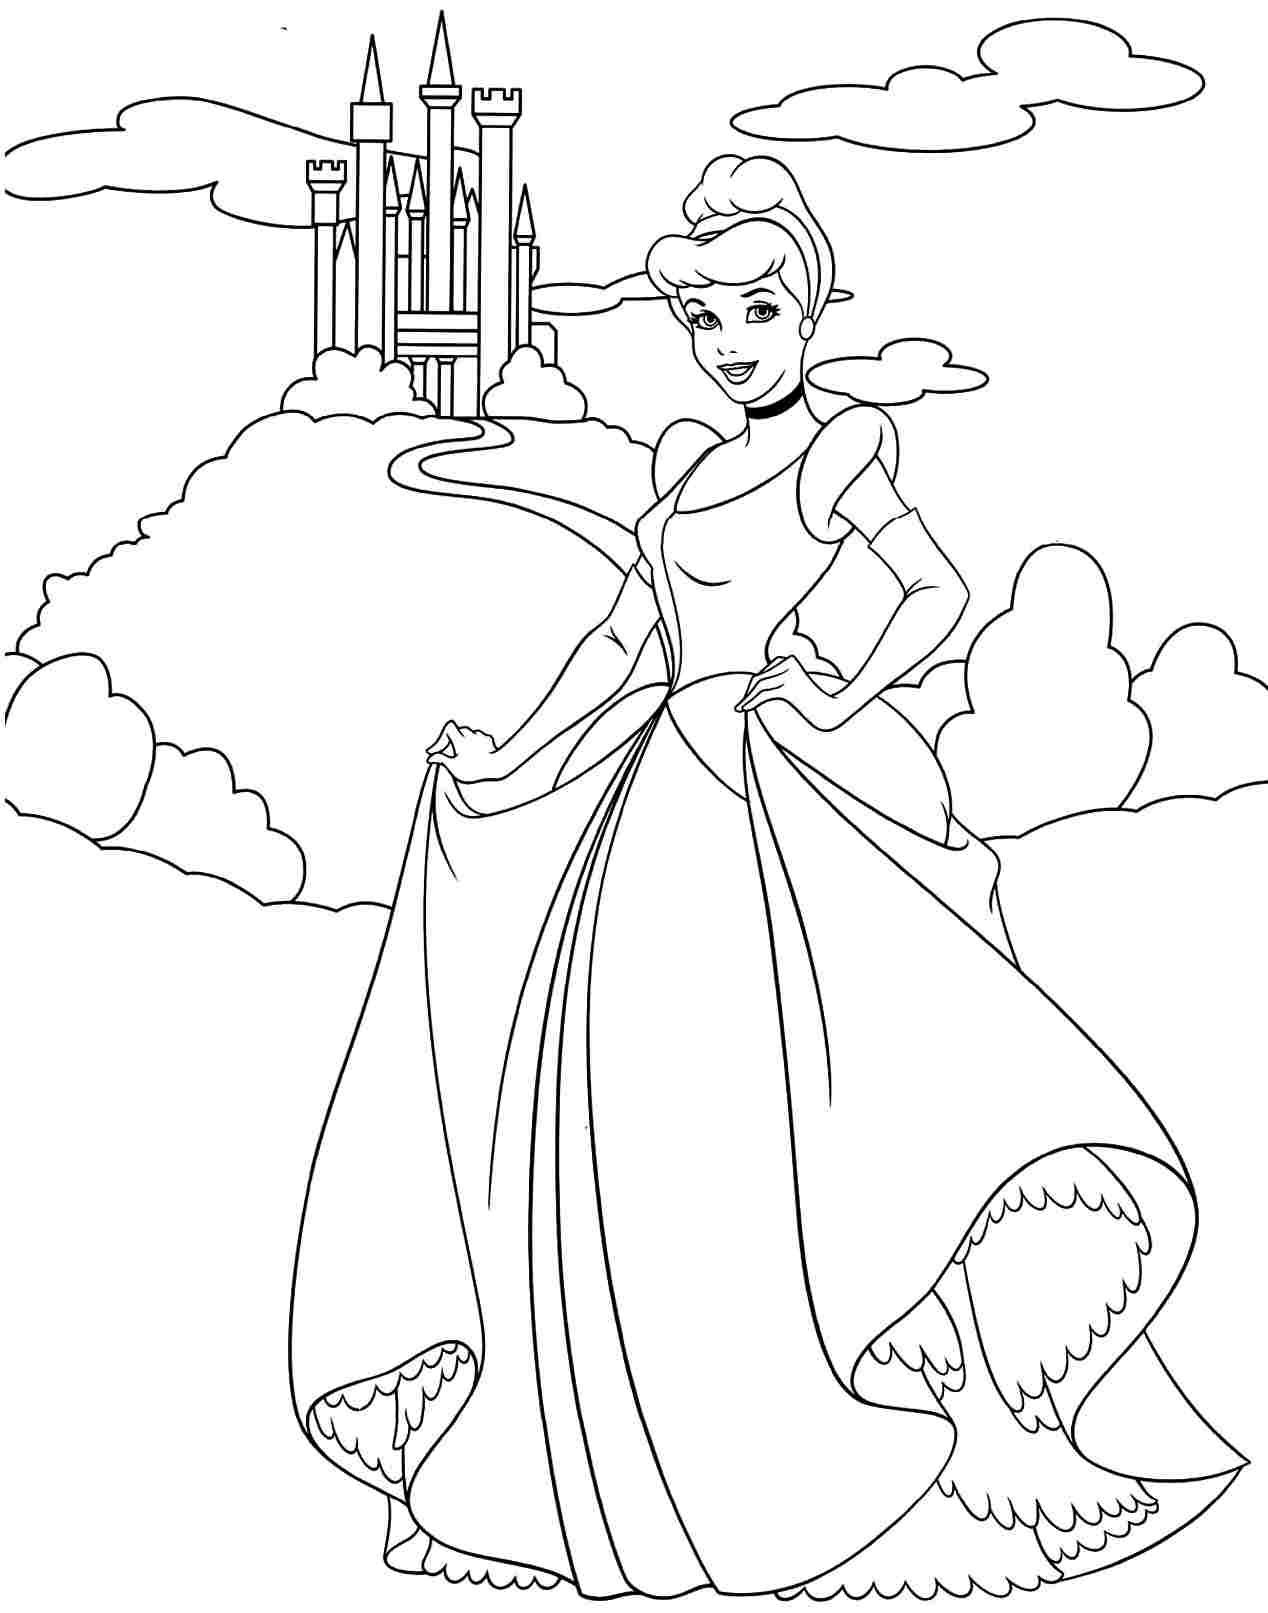 Free Disney Princess Coloring Pages Cinderella Download Free Clip Art Free Clip Art On Clipart Library